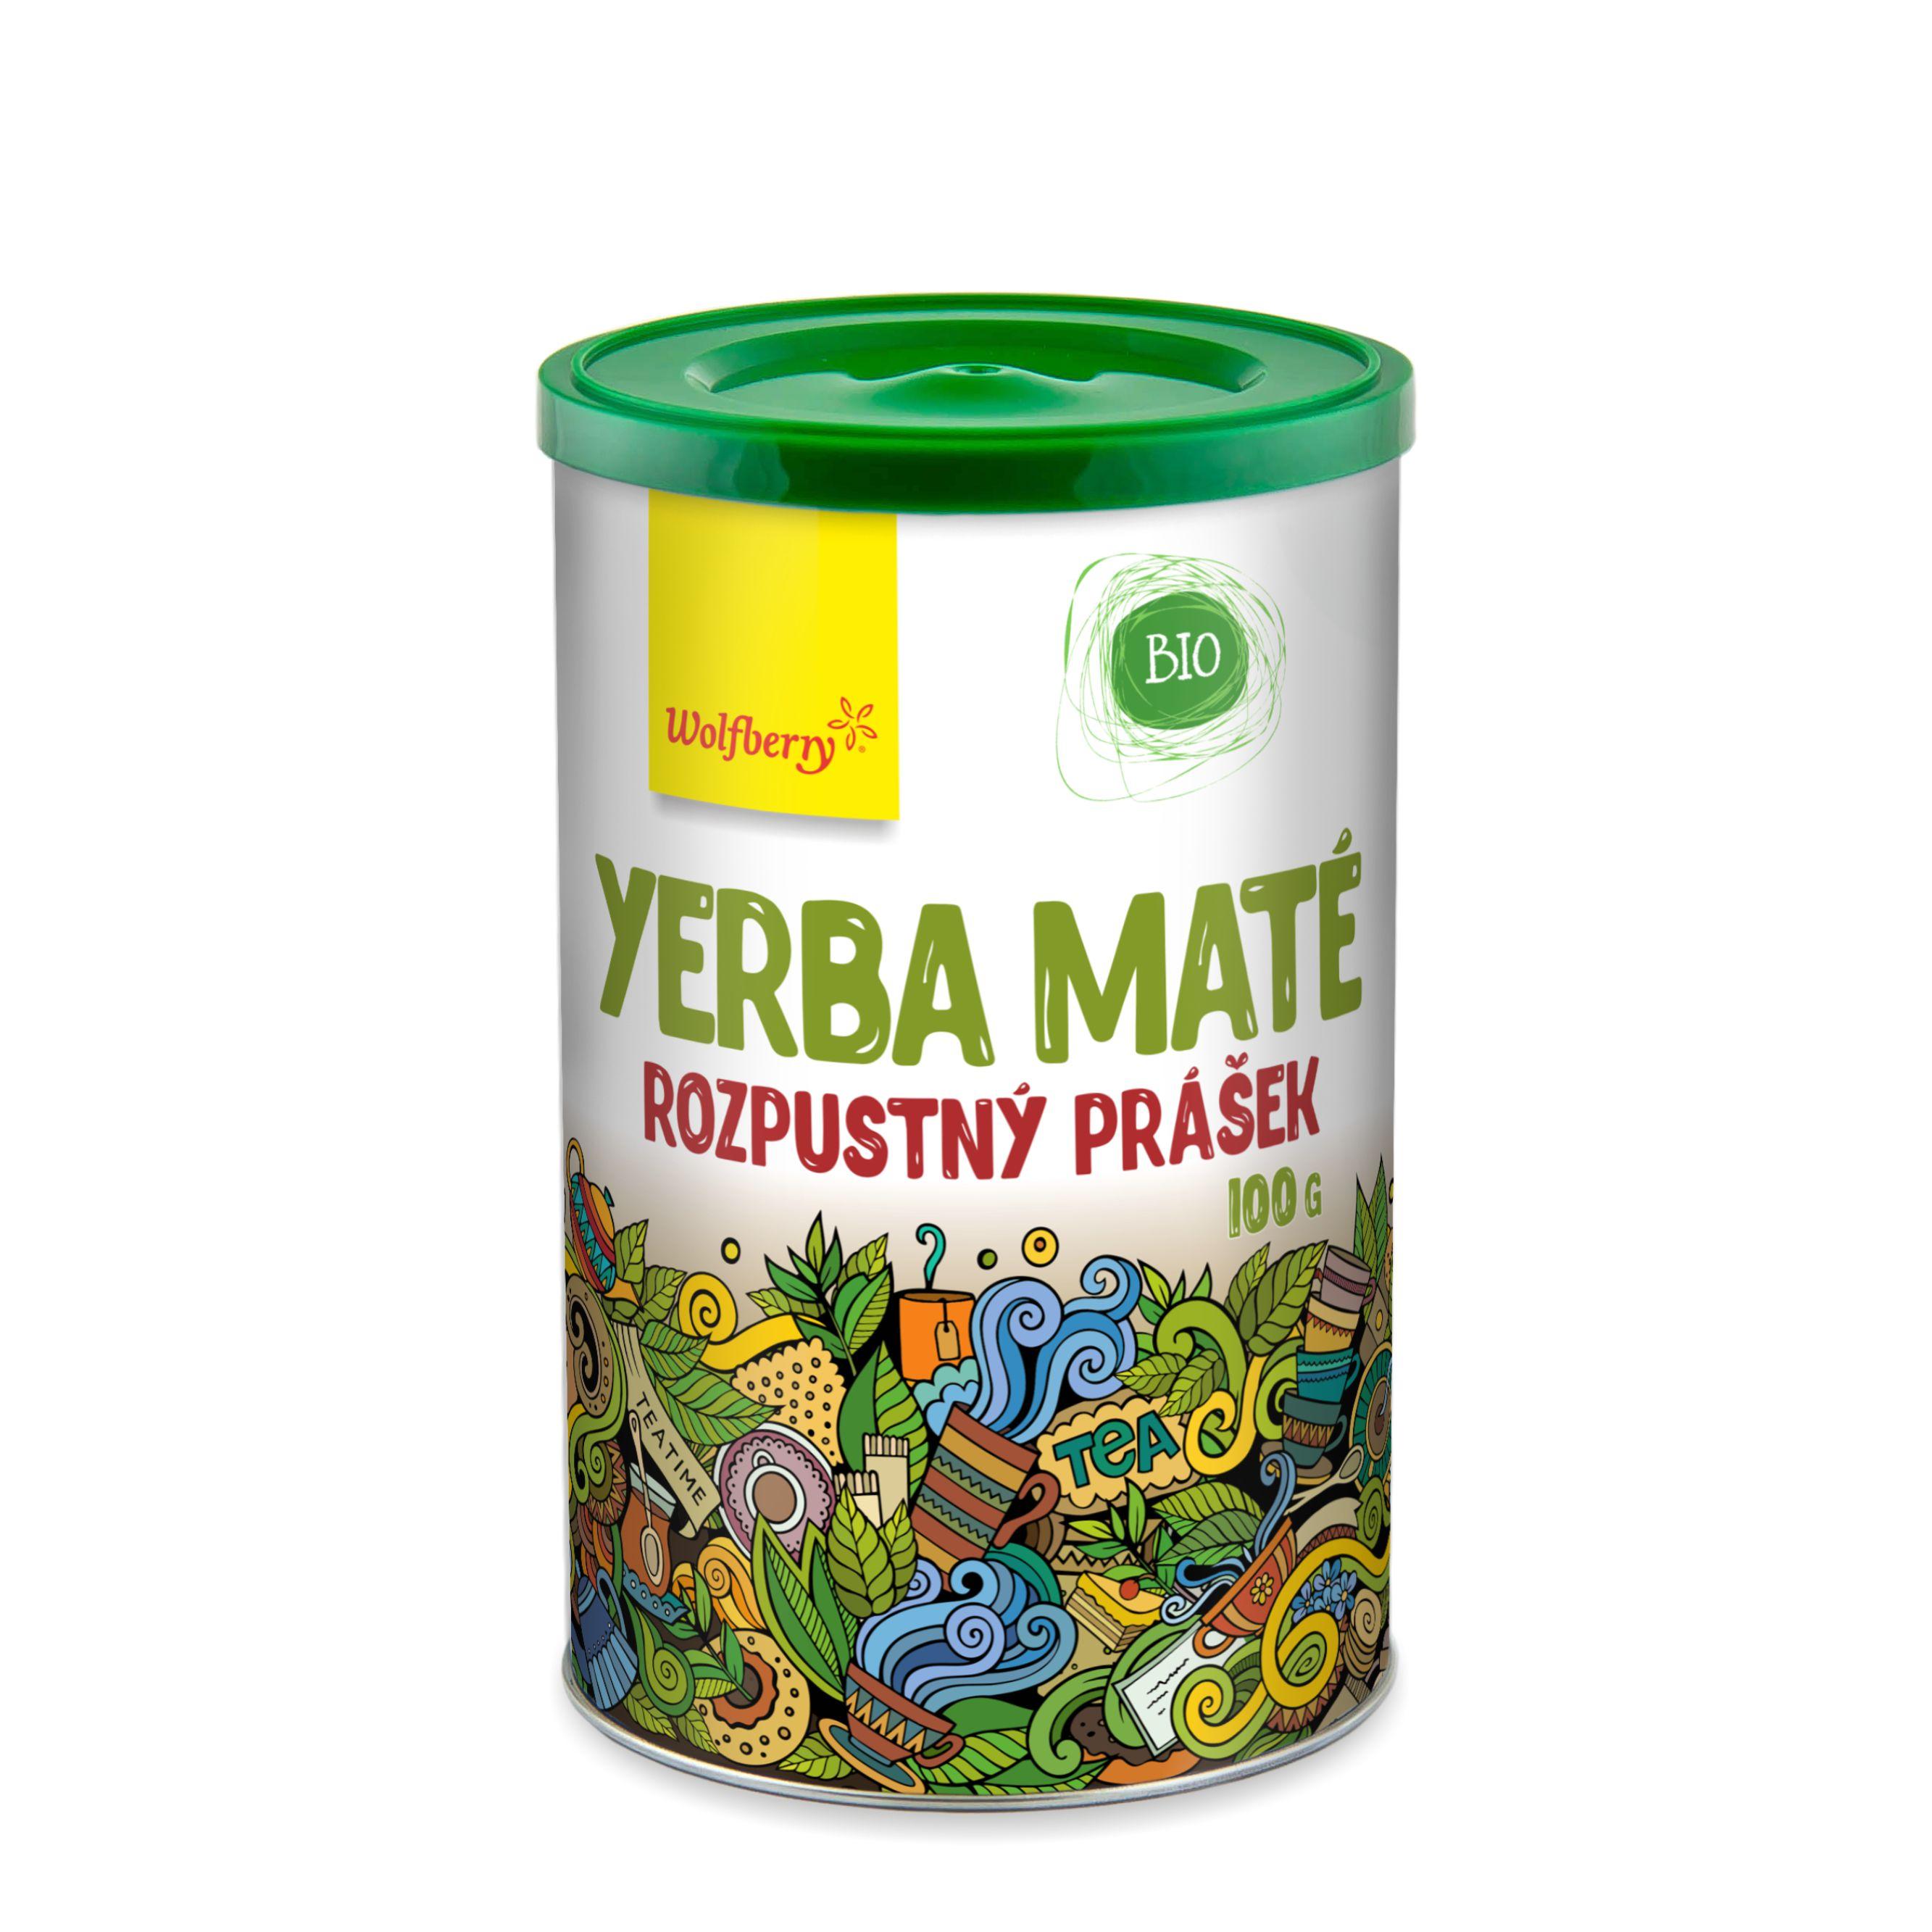 Wolfberry WF Zelený čaj Yerba maté prášek BIO 100 g Wolfberry 100 g